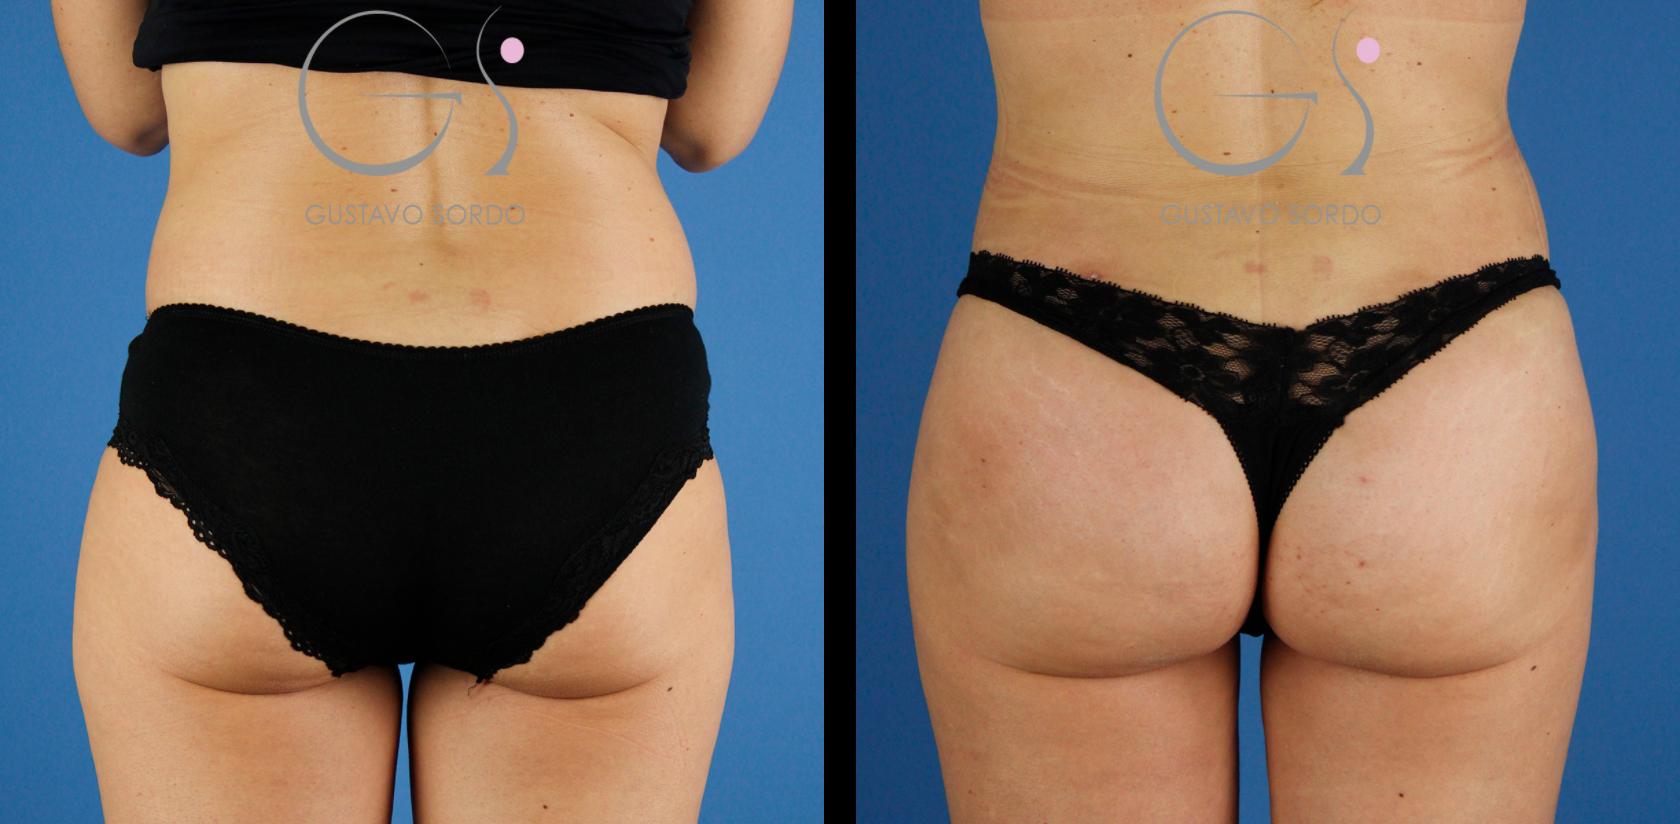 Aumento de glúteos y liposucción en mujer de 39 años